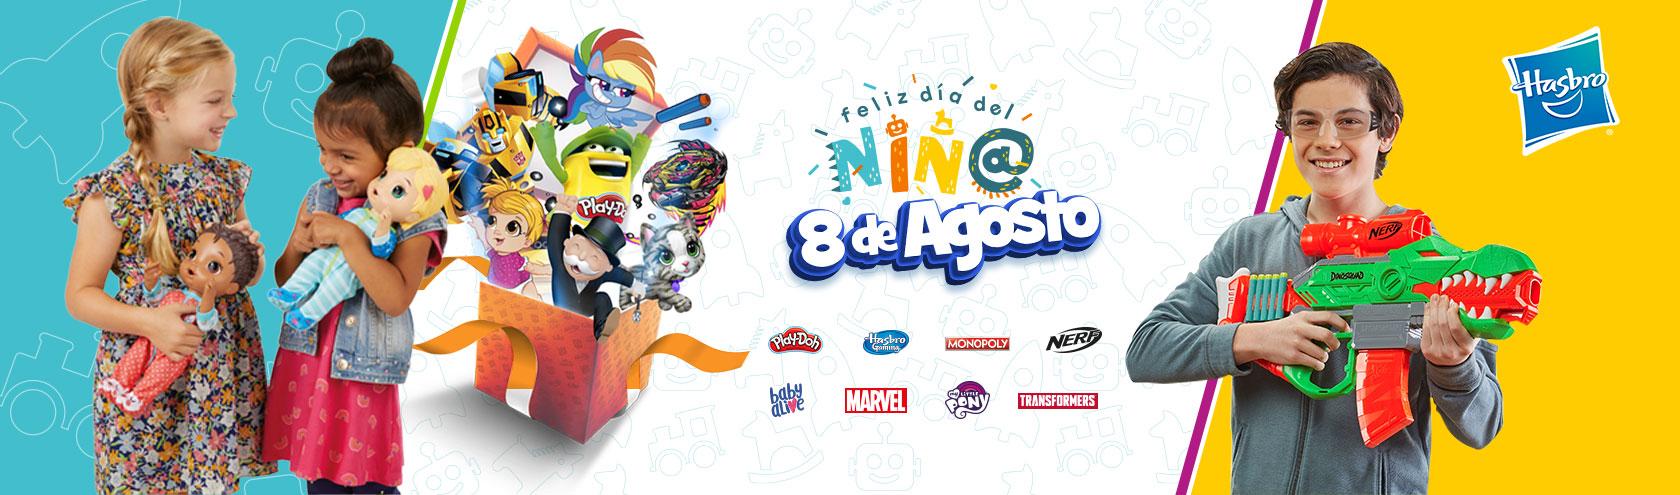 Hasbro Dia de Niño